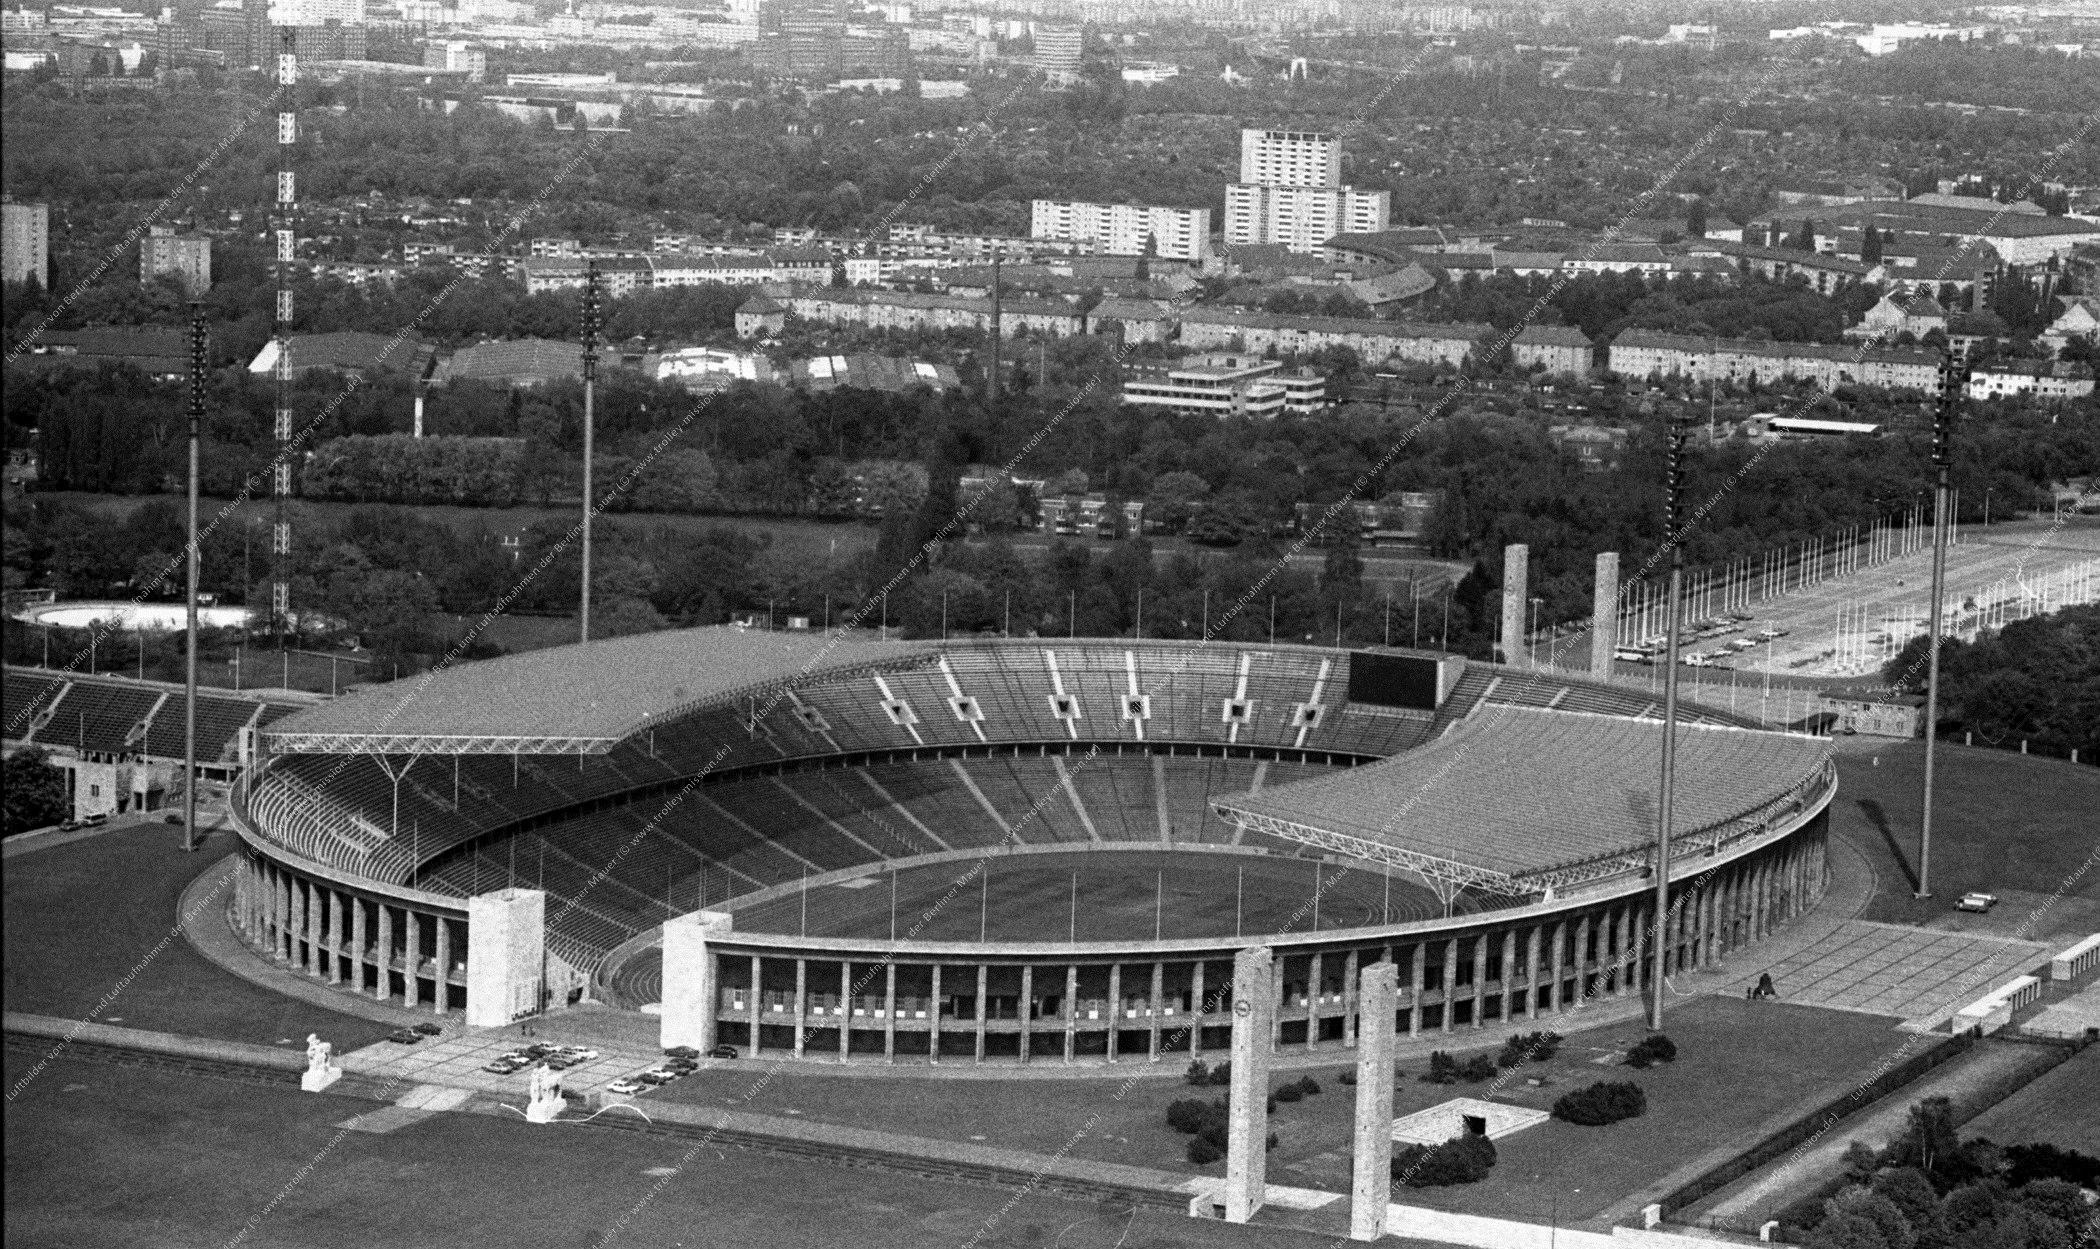 Luftaufnahme vom Berliner Olympiagelände (Reichssportfeld) vom 12. Mai 1982 (Bild 079)